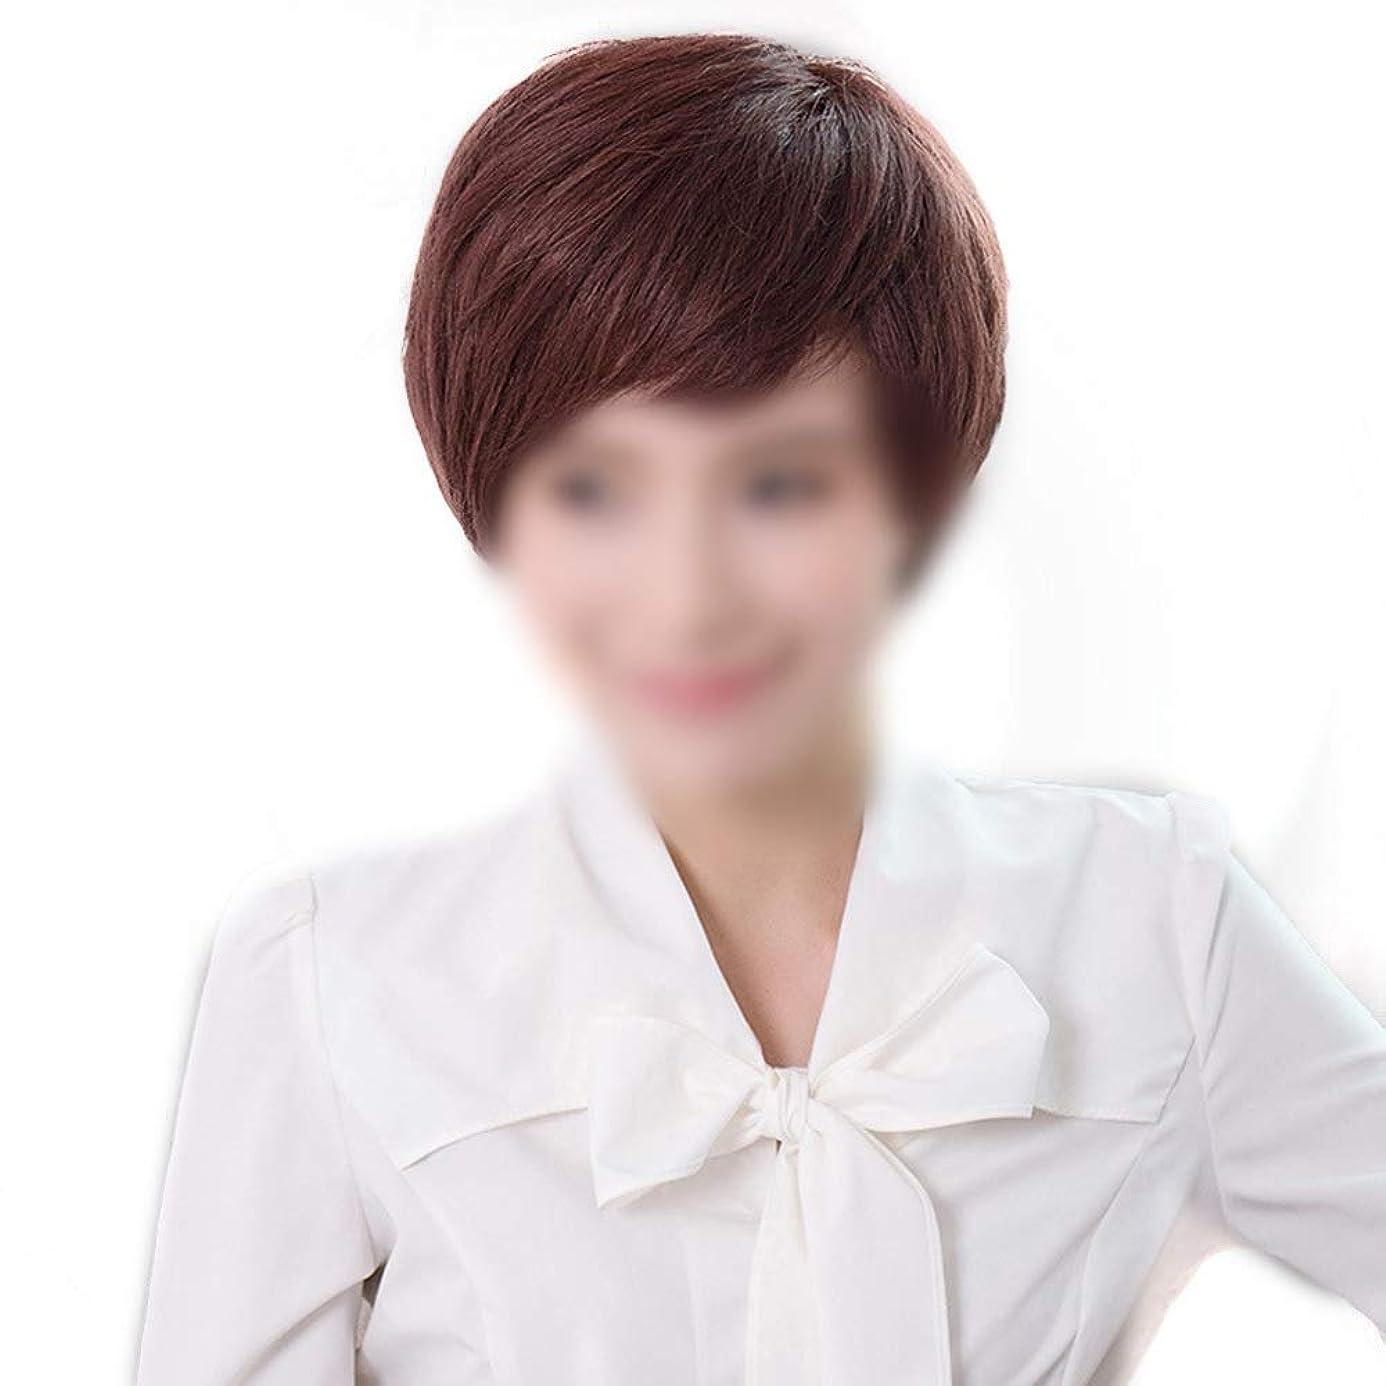 動的コンクリート食欲BOBIDYEE リアルヘア編み耳ショートカーリーヘアふわふわナチュラルファッションウィッグ女性用デイリードレスパーティーウィッグ (Color : Dark brown, サイズ : Hand-needle)